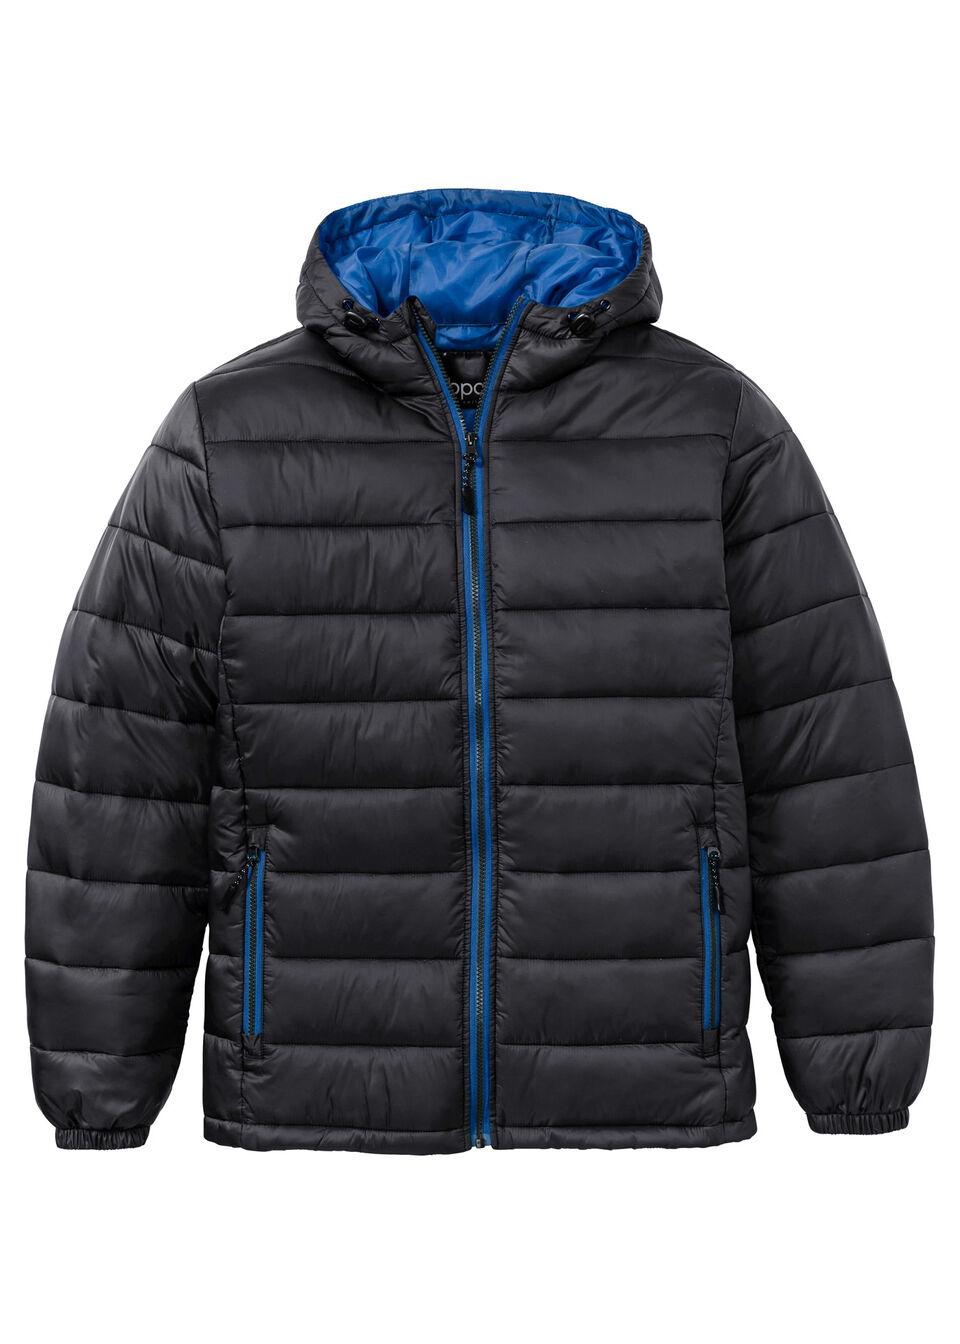 Купить Куртки и плащи, Куртка с капюшоном, стеганый дизайн, bonprix, черный